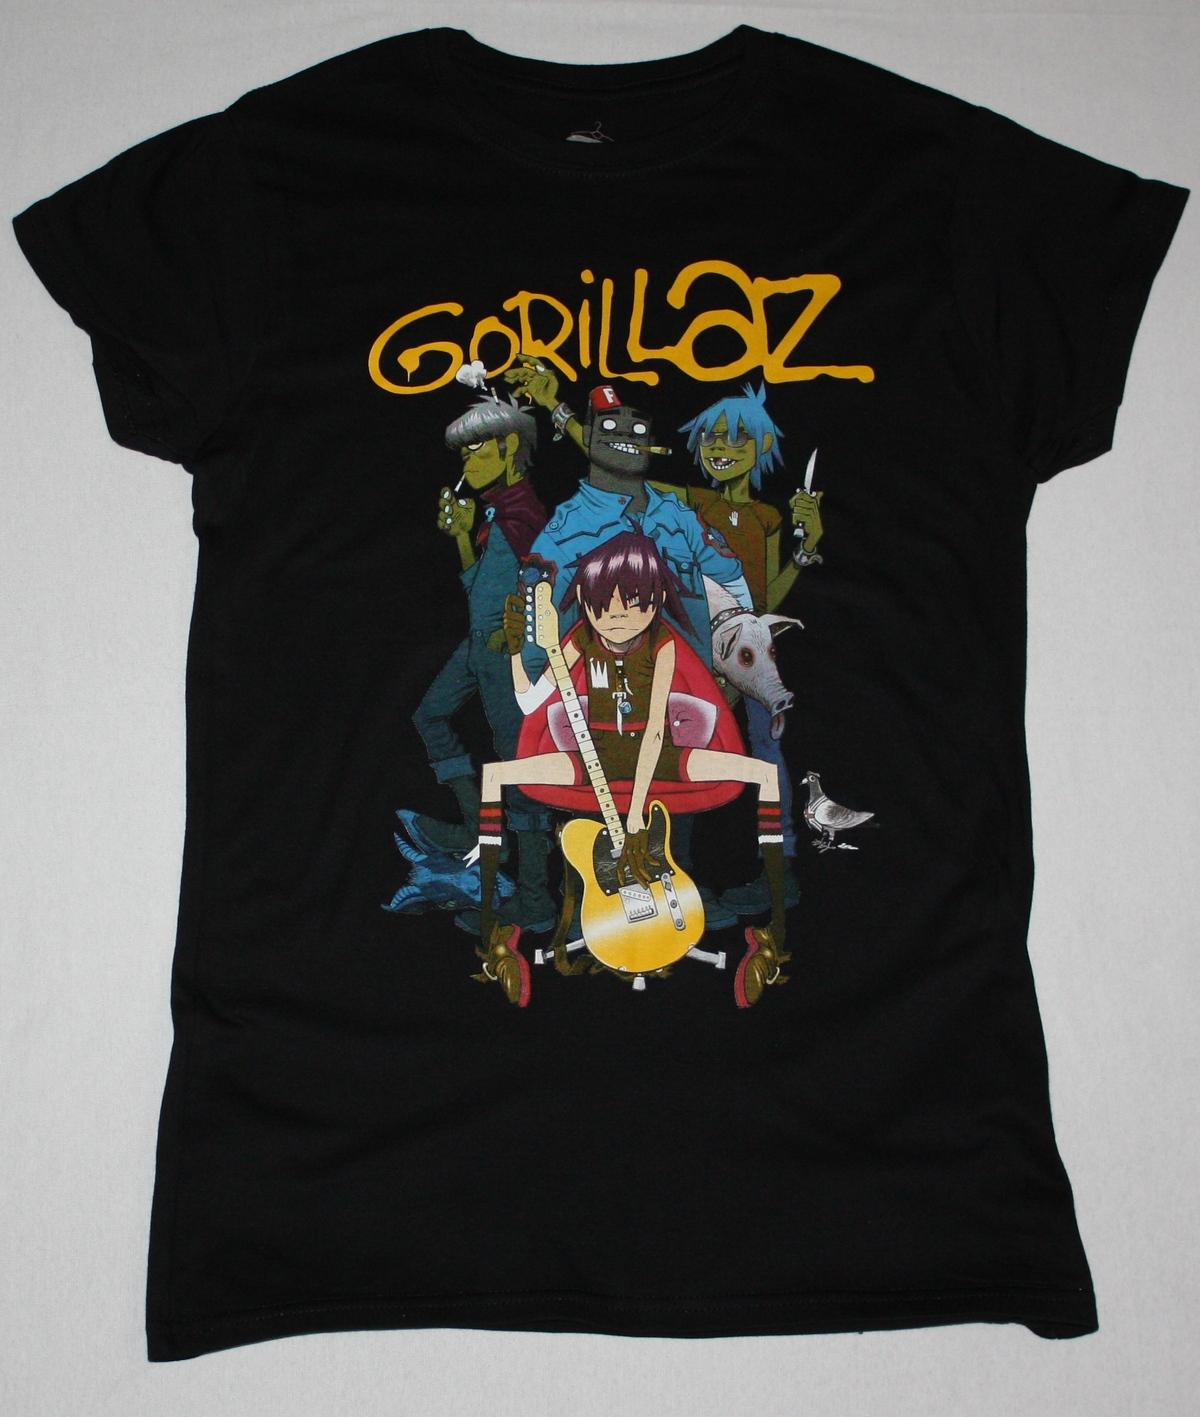 Gorillaz hoodie